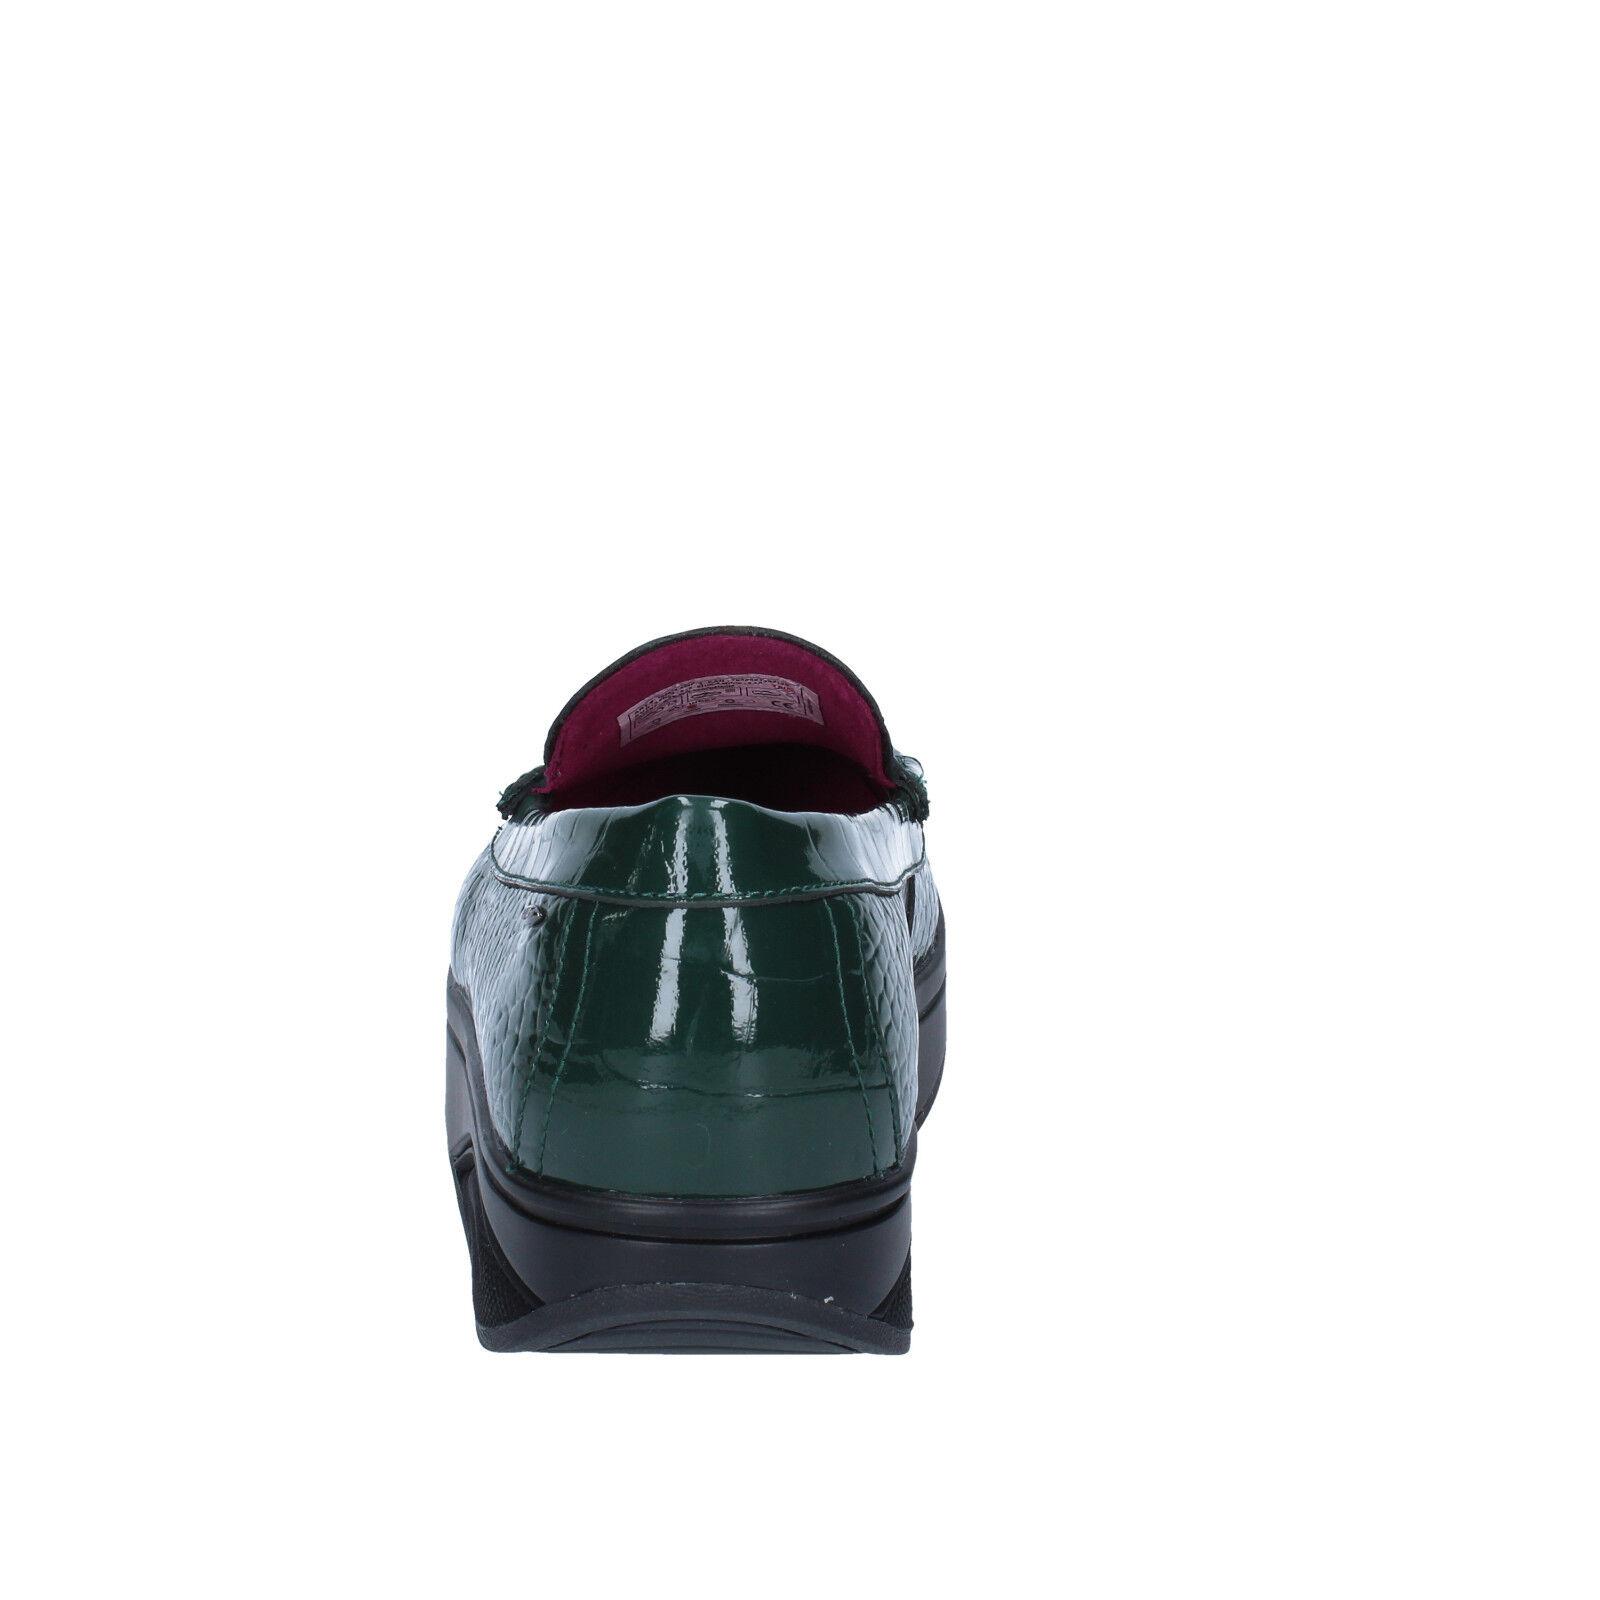 les chaussures de 3,5 (mbt) femmes des femmes (mbt) bz906-b mocassins de cuir vert dynamique d0e86e